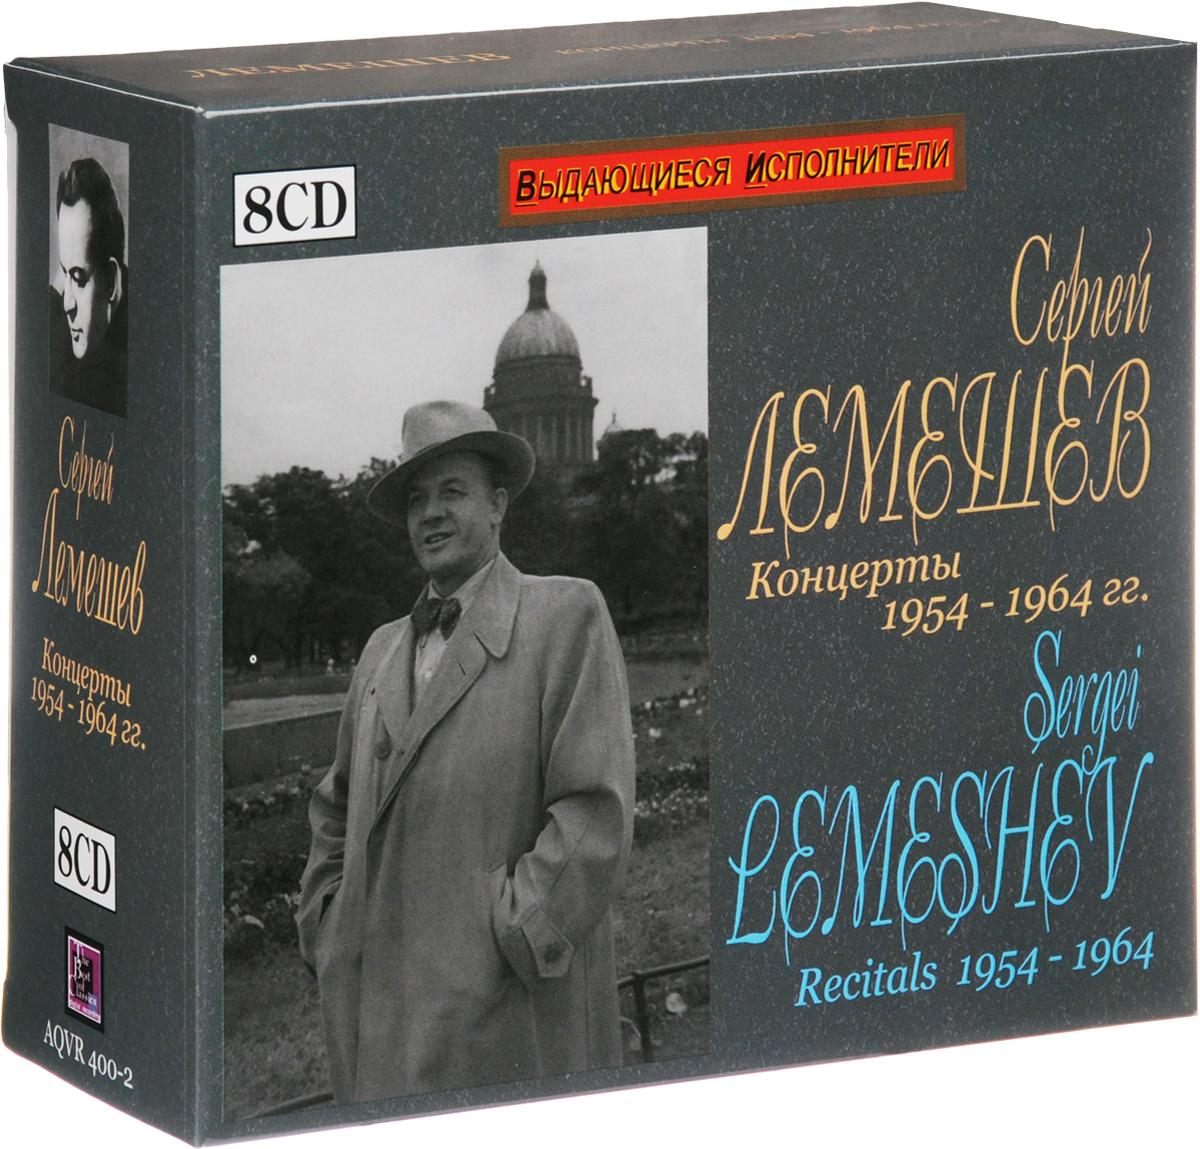 Сергей Лемешев. Концерты 1954-1964 гг. (8 CD)